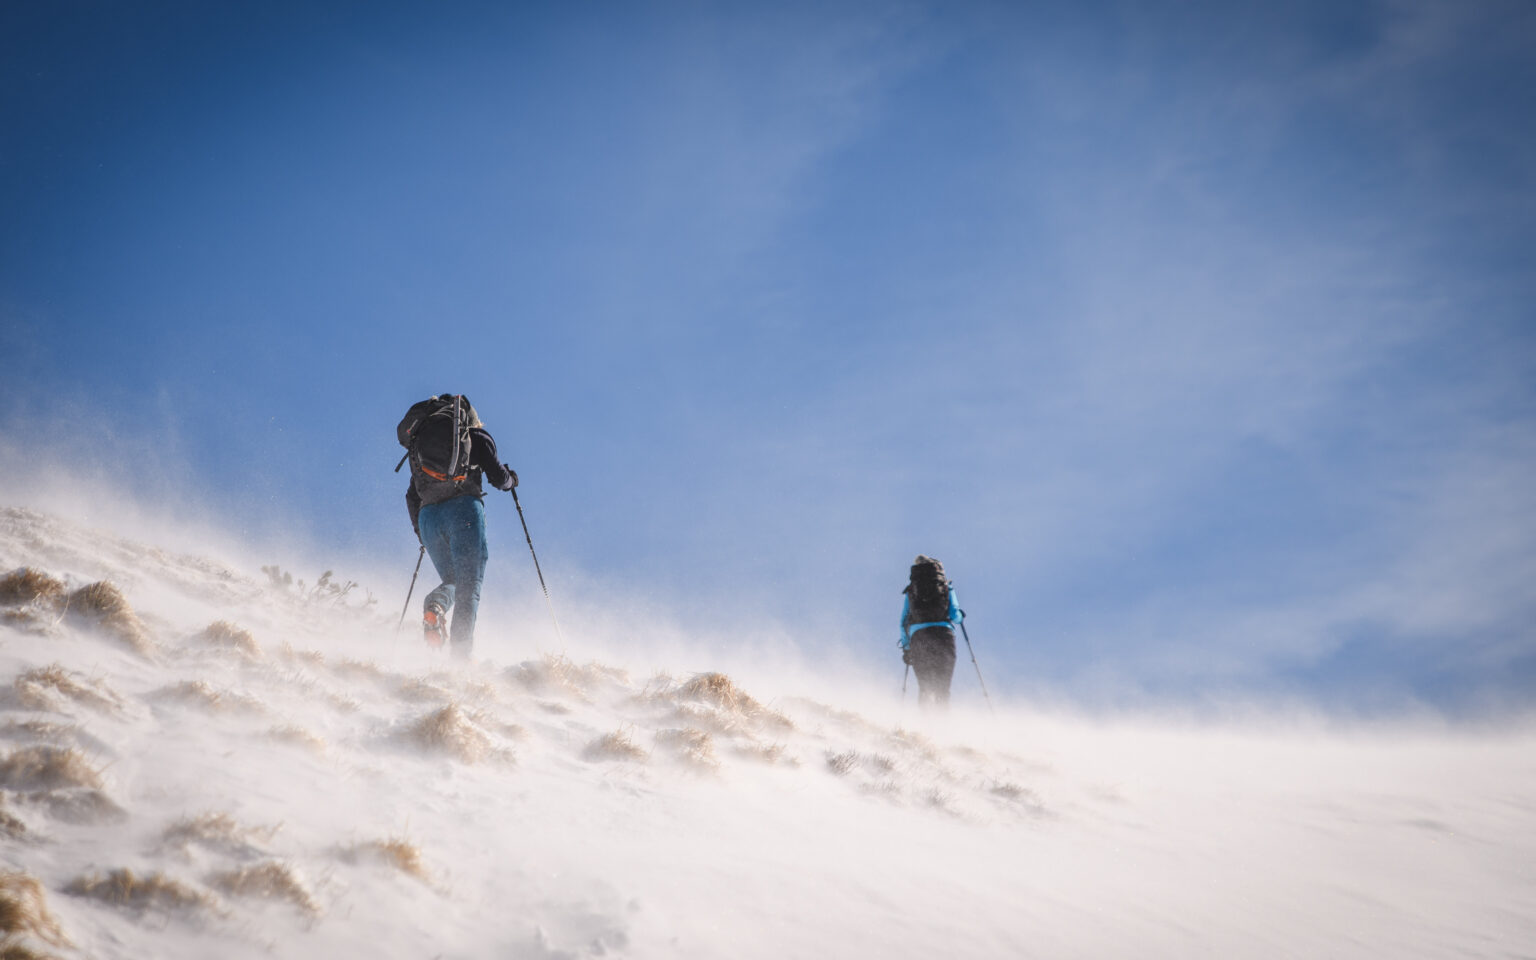 Turystki na szlaku w wietrze - Czerwone Wierchy zimą